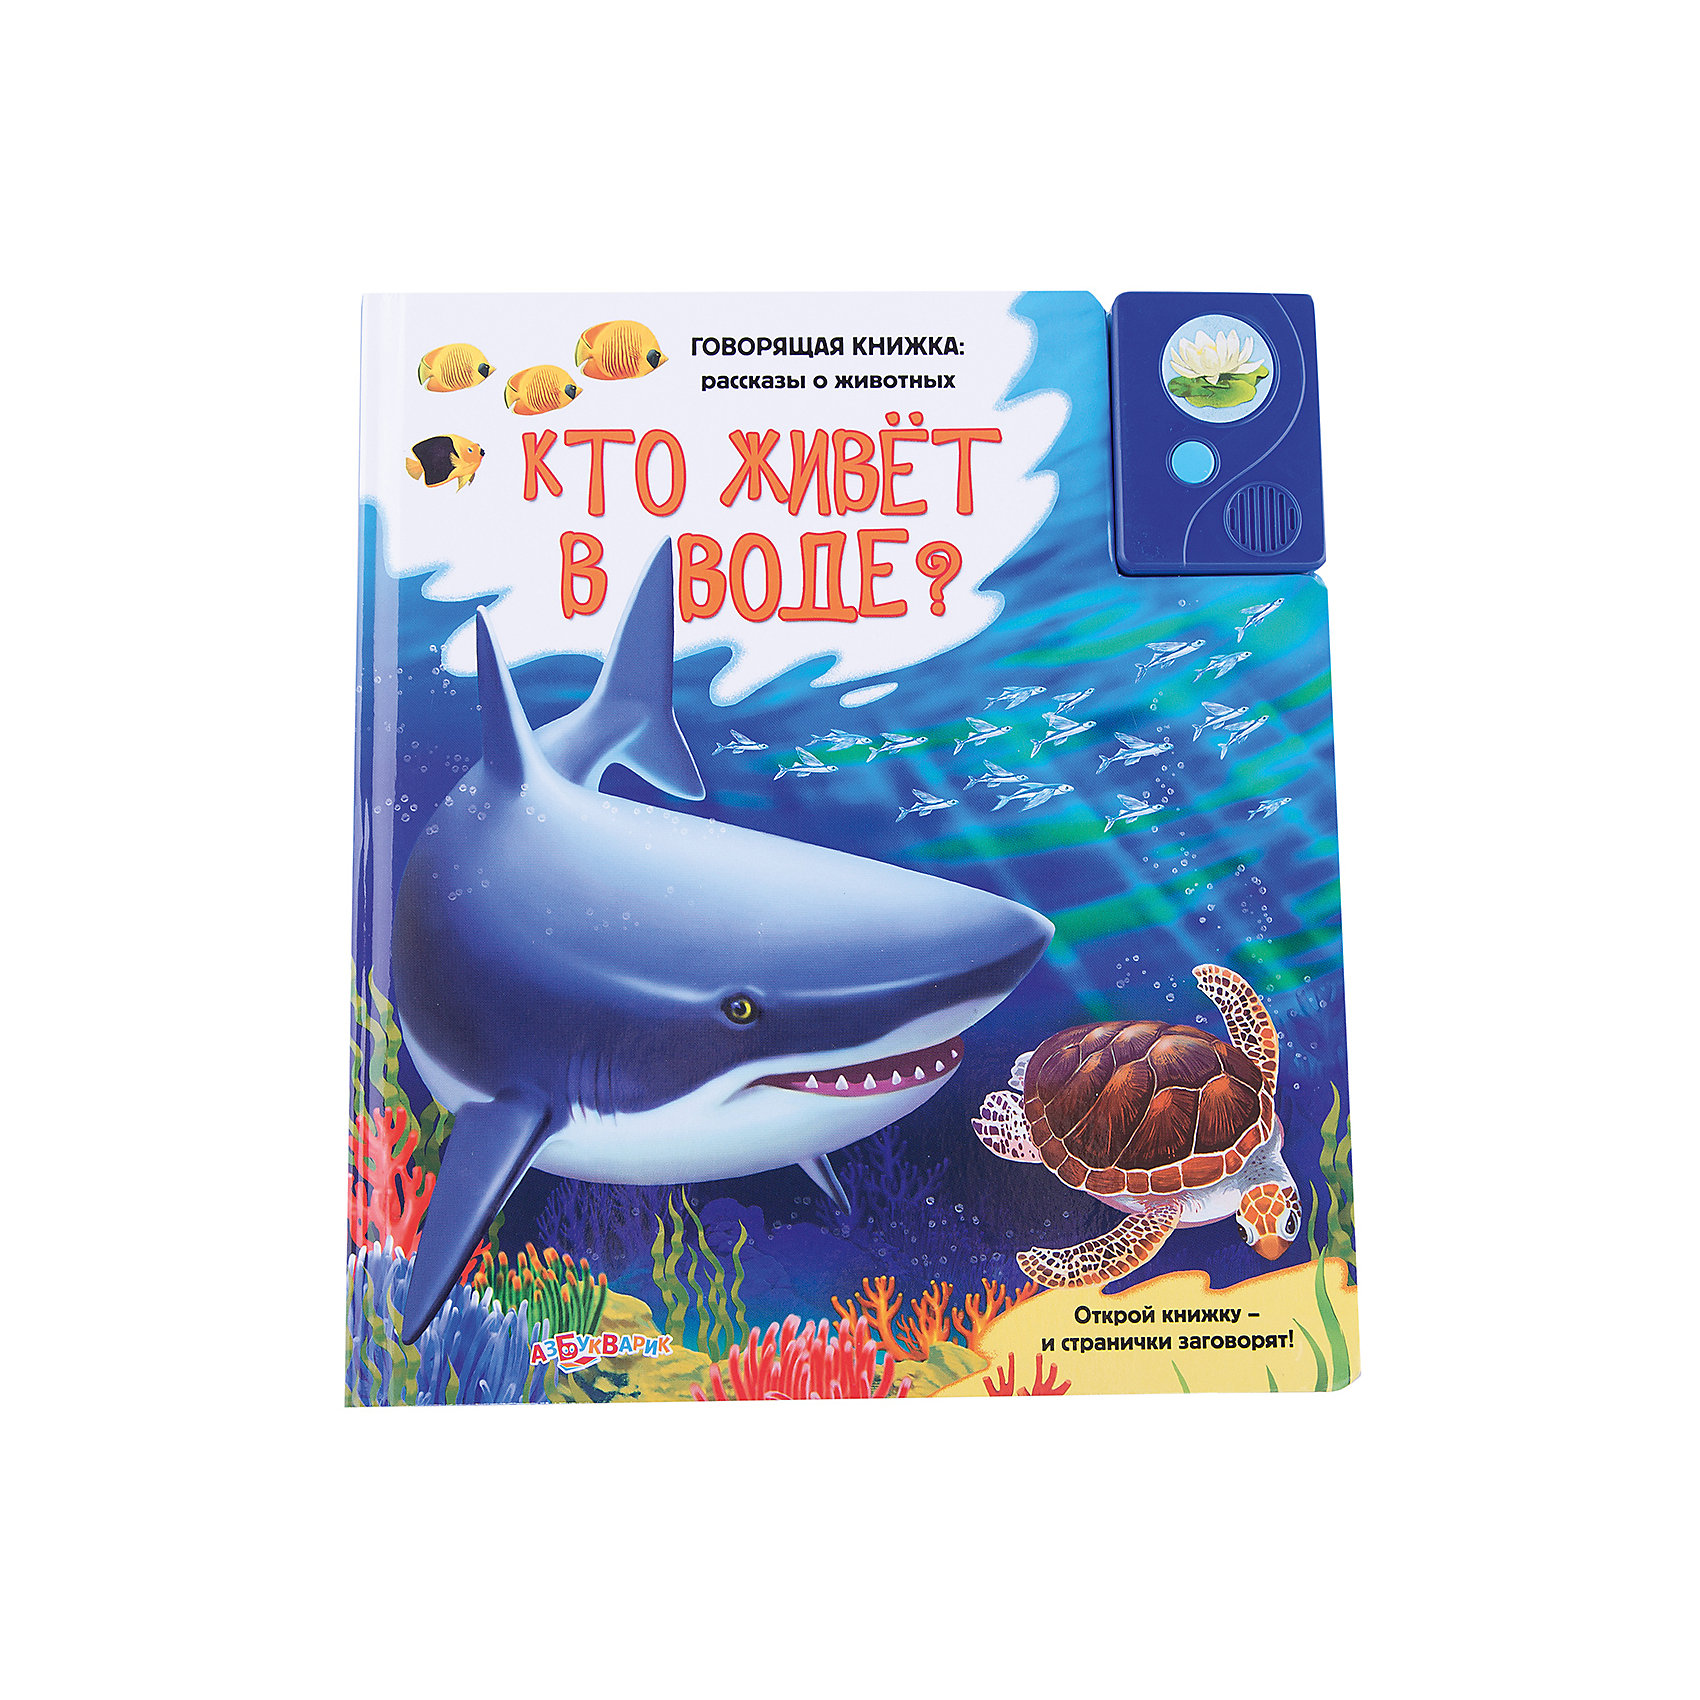 Книга со звуковым модулем Кто живет в воде?Азбукварик<br>Эта яркая книжка со звуковым модулем обязательно понравится ребенку и надолго увлечет его. Красочные иллюстрации и разнообразные звуки расскажут маленьким почемучкам об обитателях различных водоемов - озер, морей, океанов, рек. <br>Плотная обложка и картонные страницы идеально подойдут даже для самых юных и активных читателей. <br><br>Дополнительная информация:<br><br>- Формат: 21х24 см.<br>- Количество страниц: 16.<br>- Переплет: твердый.<br>- Иллюстрации: цветные.<br>- Плотные картонные страницы. <br>- Звуковой модуль. <br>- Элемент питания: батарейки (AG13/LR44), в комплекте. <br><br>Книгу со звуковым модулем Кто живет в воде? можно купить в нашем магазине.<br><br>Ширина мм: 21<br>Глубина мм: 24<br>Высота мм: 21<br>Вес г: 545<br>Возраст от месяцев: 24<br>Возраст до месяцев: 48<br>Пол: Унисекс<br>Возраст: Детский<br>SKU: 4951764